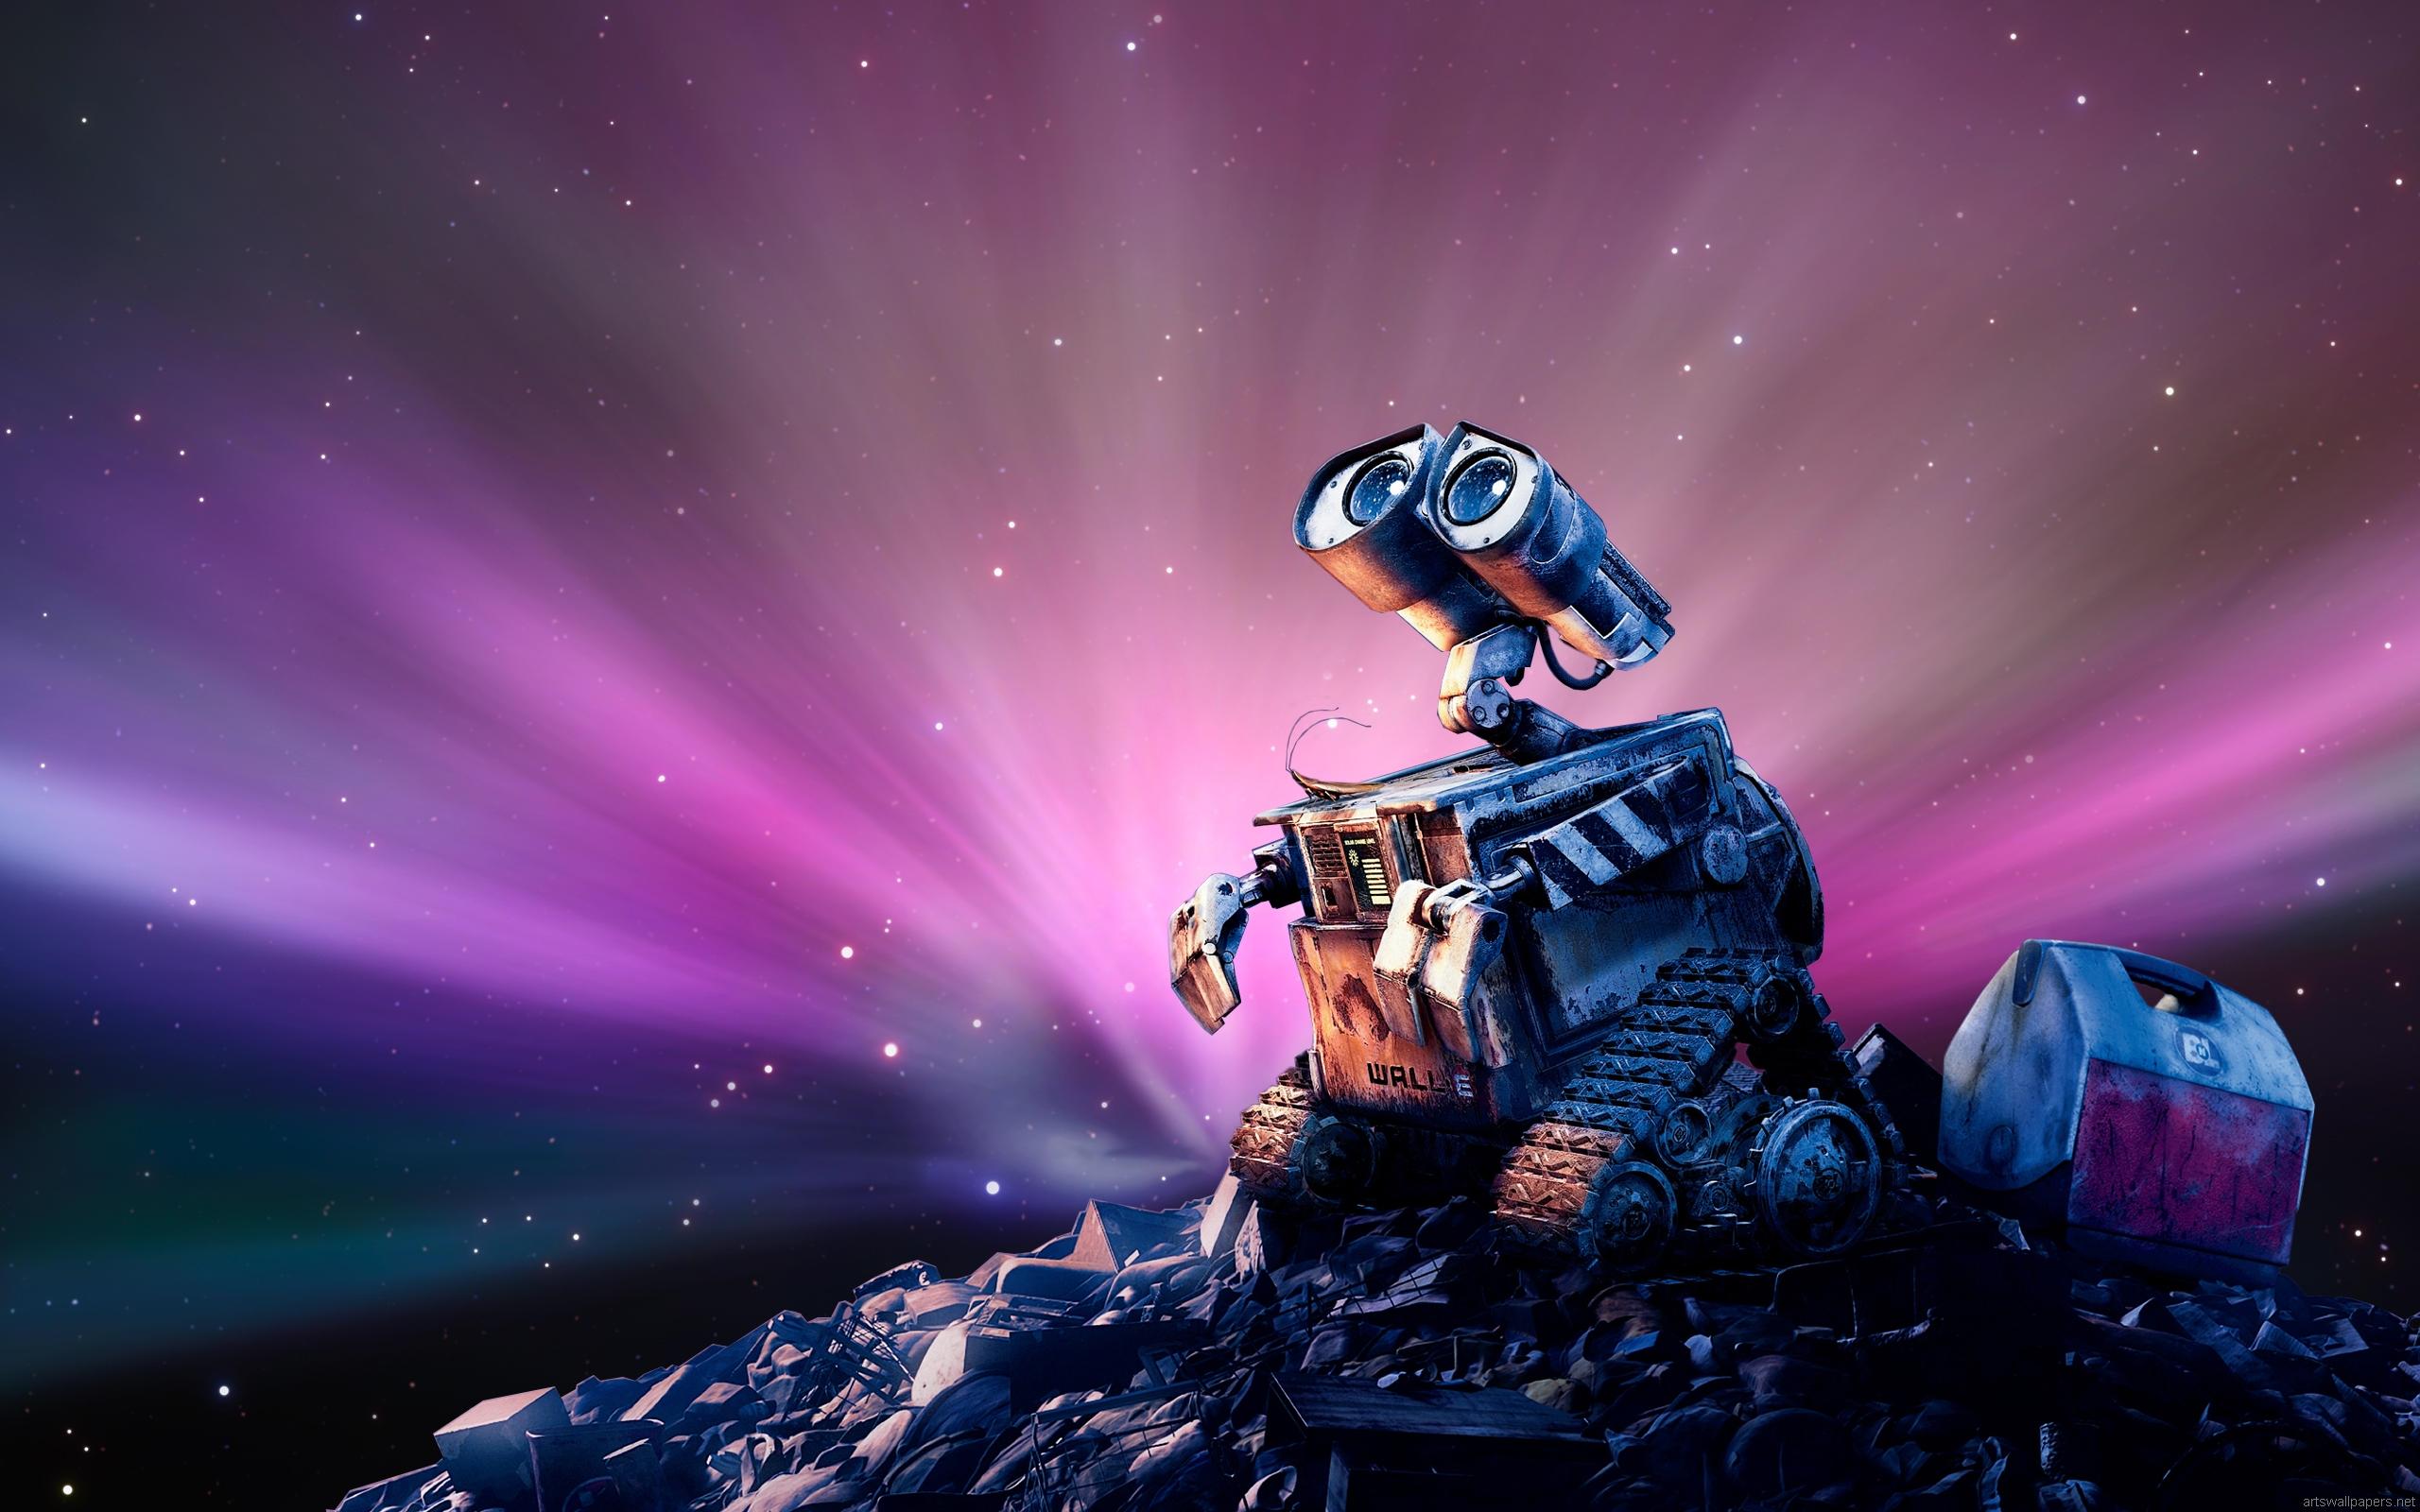 .-WALL-E-. Exu3